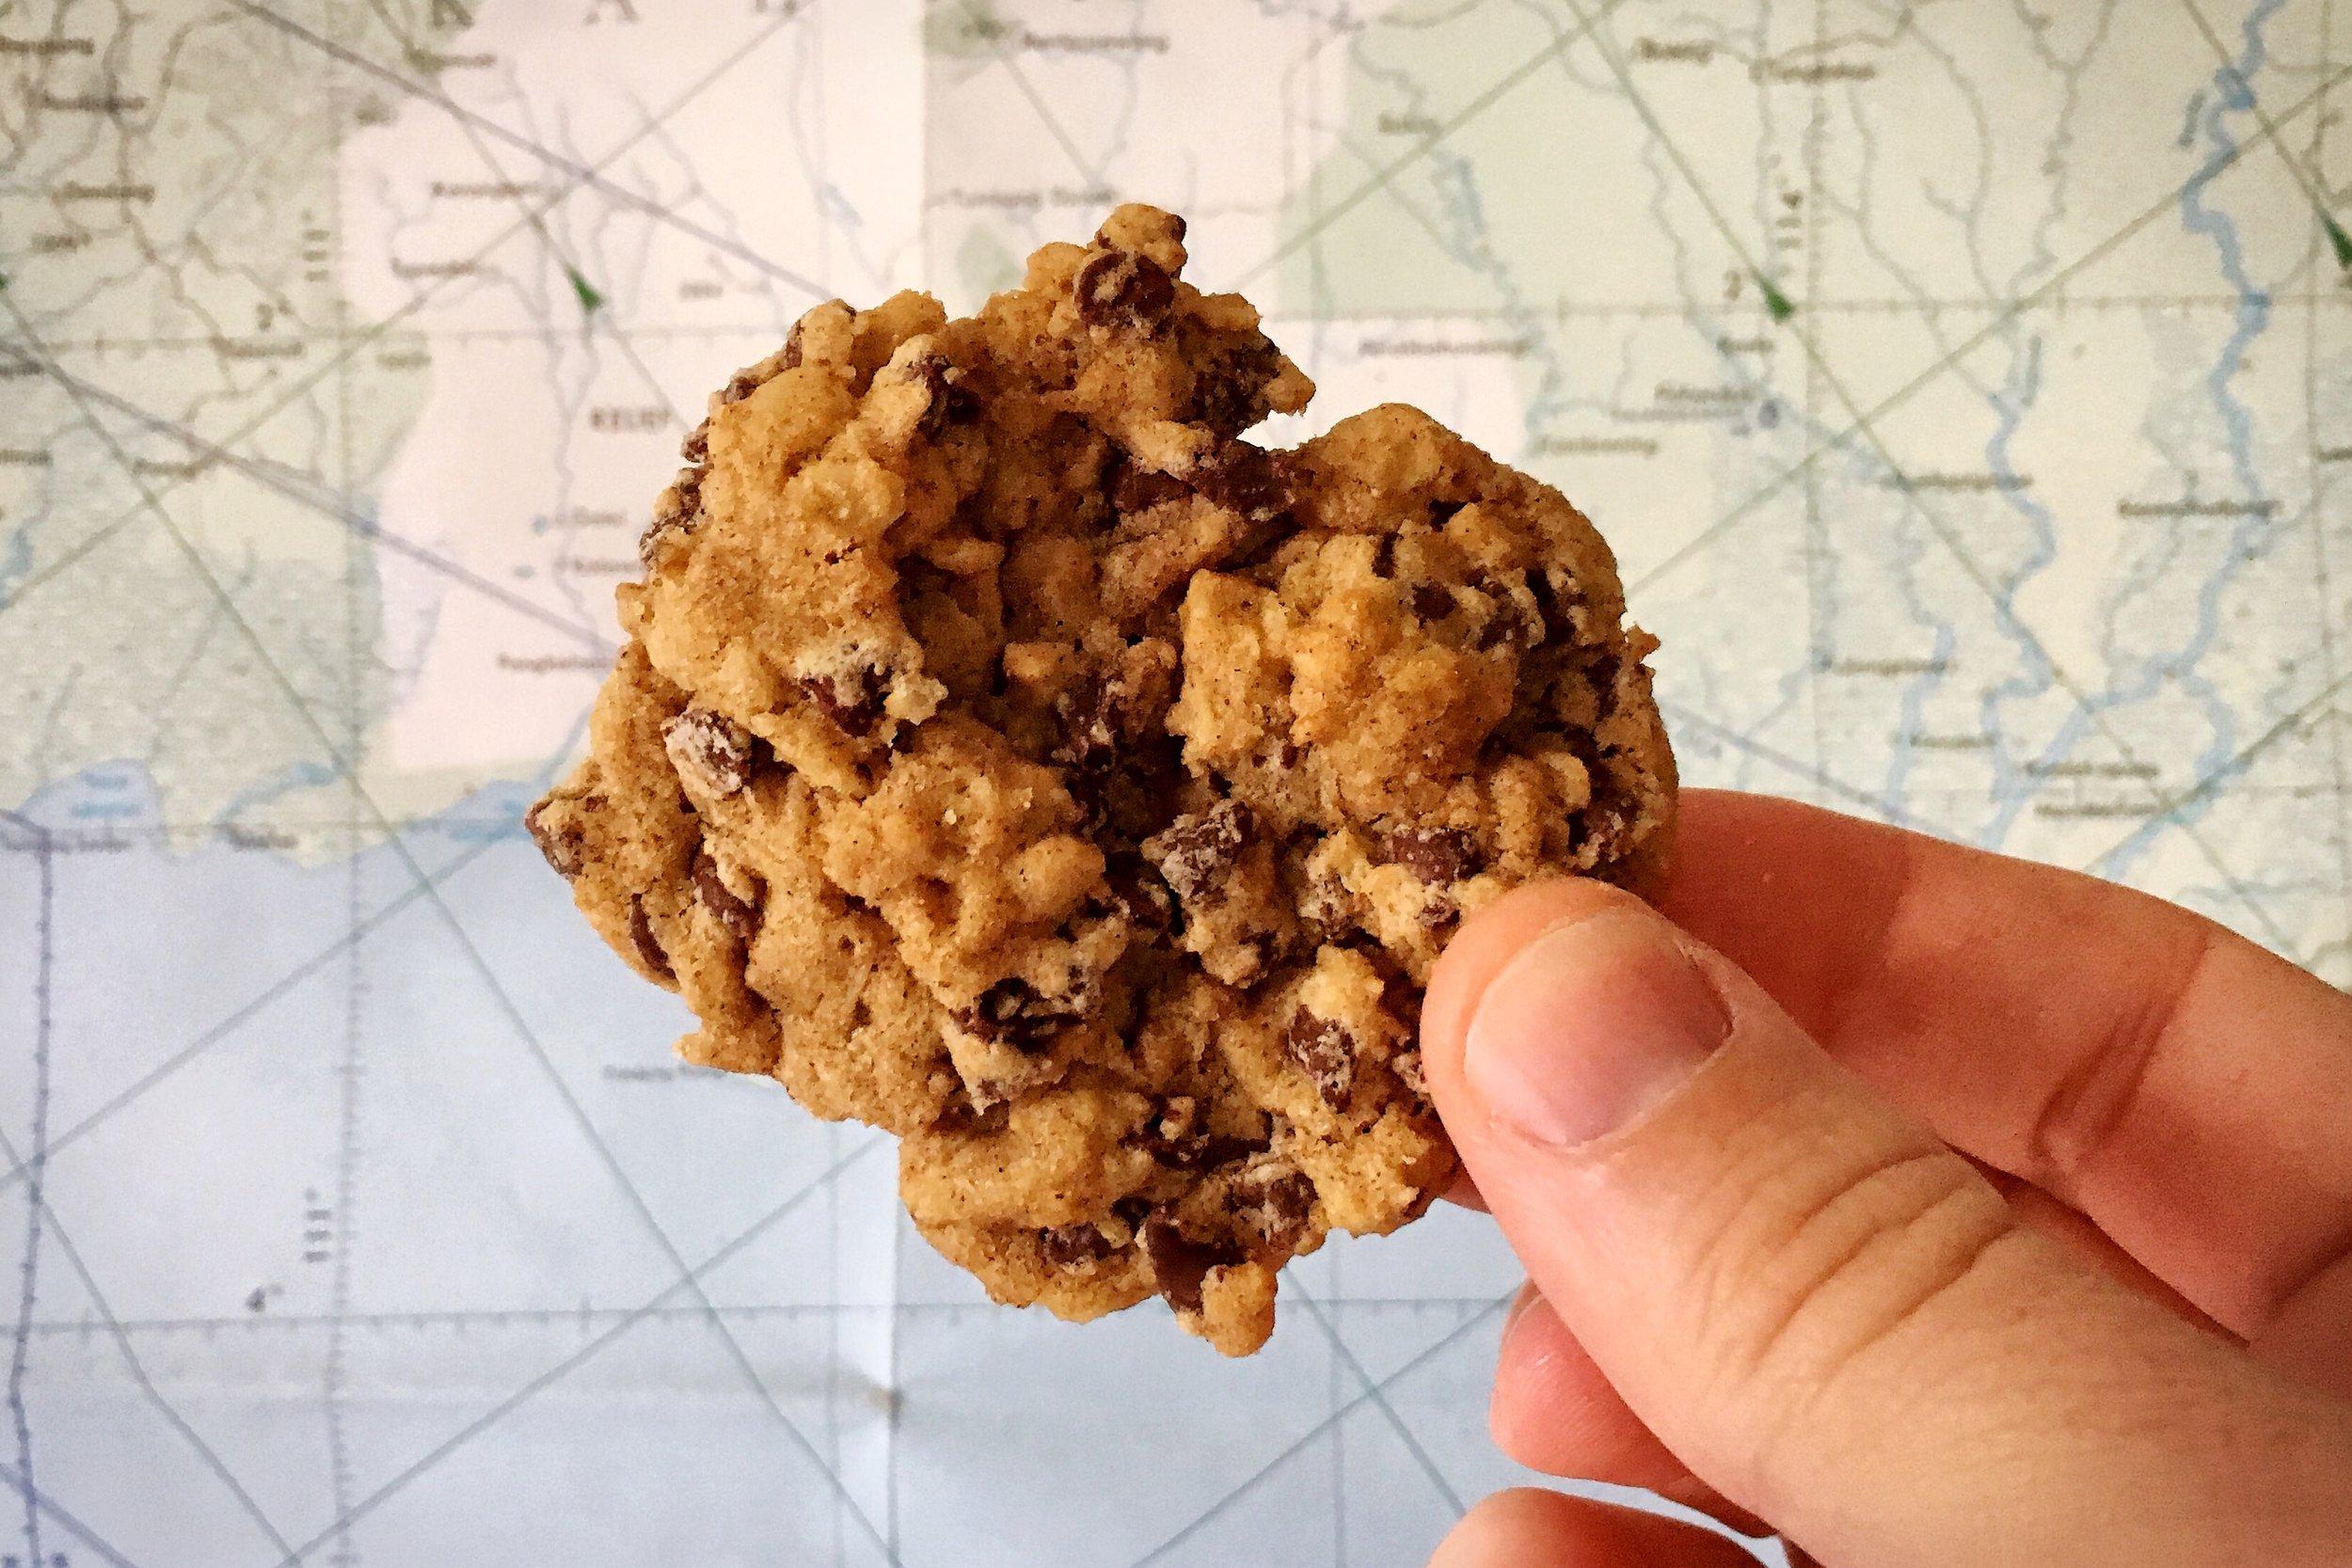 Explorers Victory Cookies